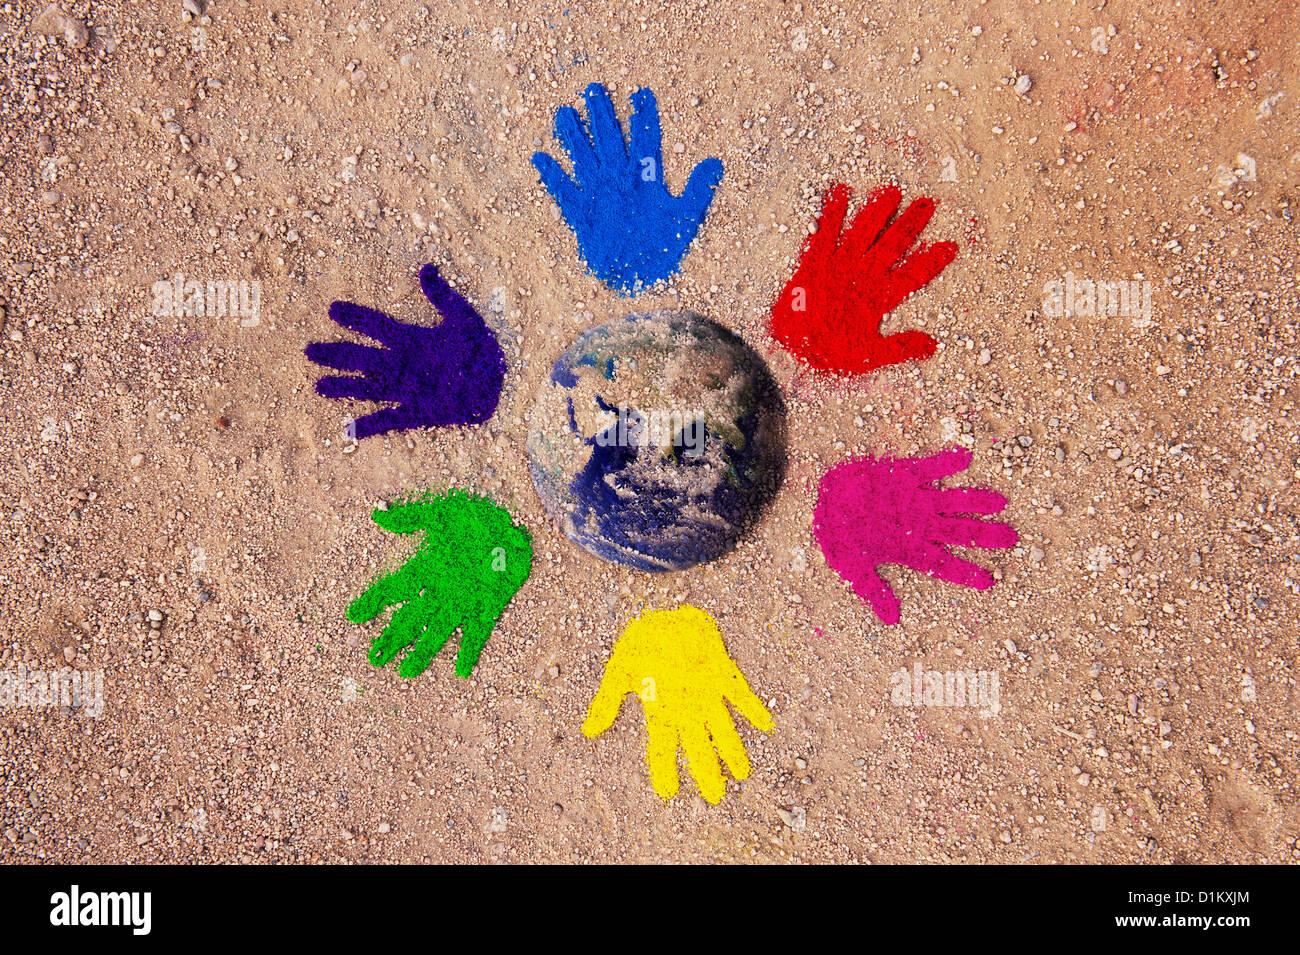 La poudre de couleur imprime sur un modèle circulaire sur un chemin de terre avec la terre d'un composite au milieu Banque D'Images